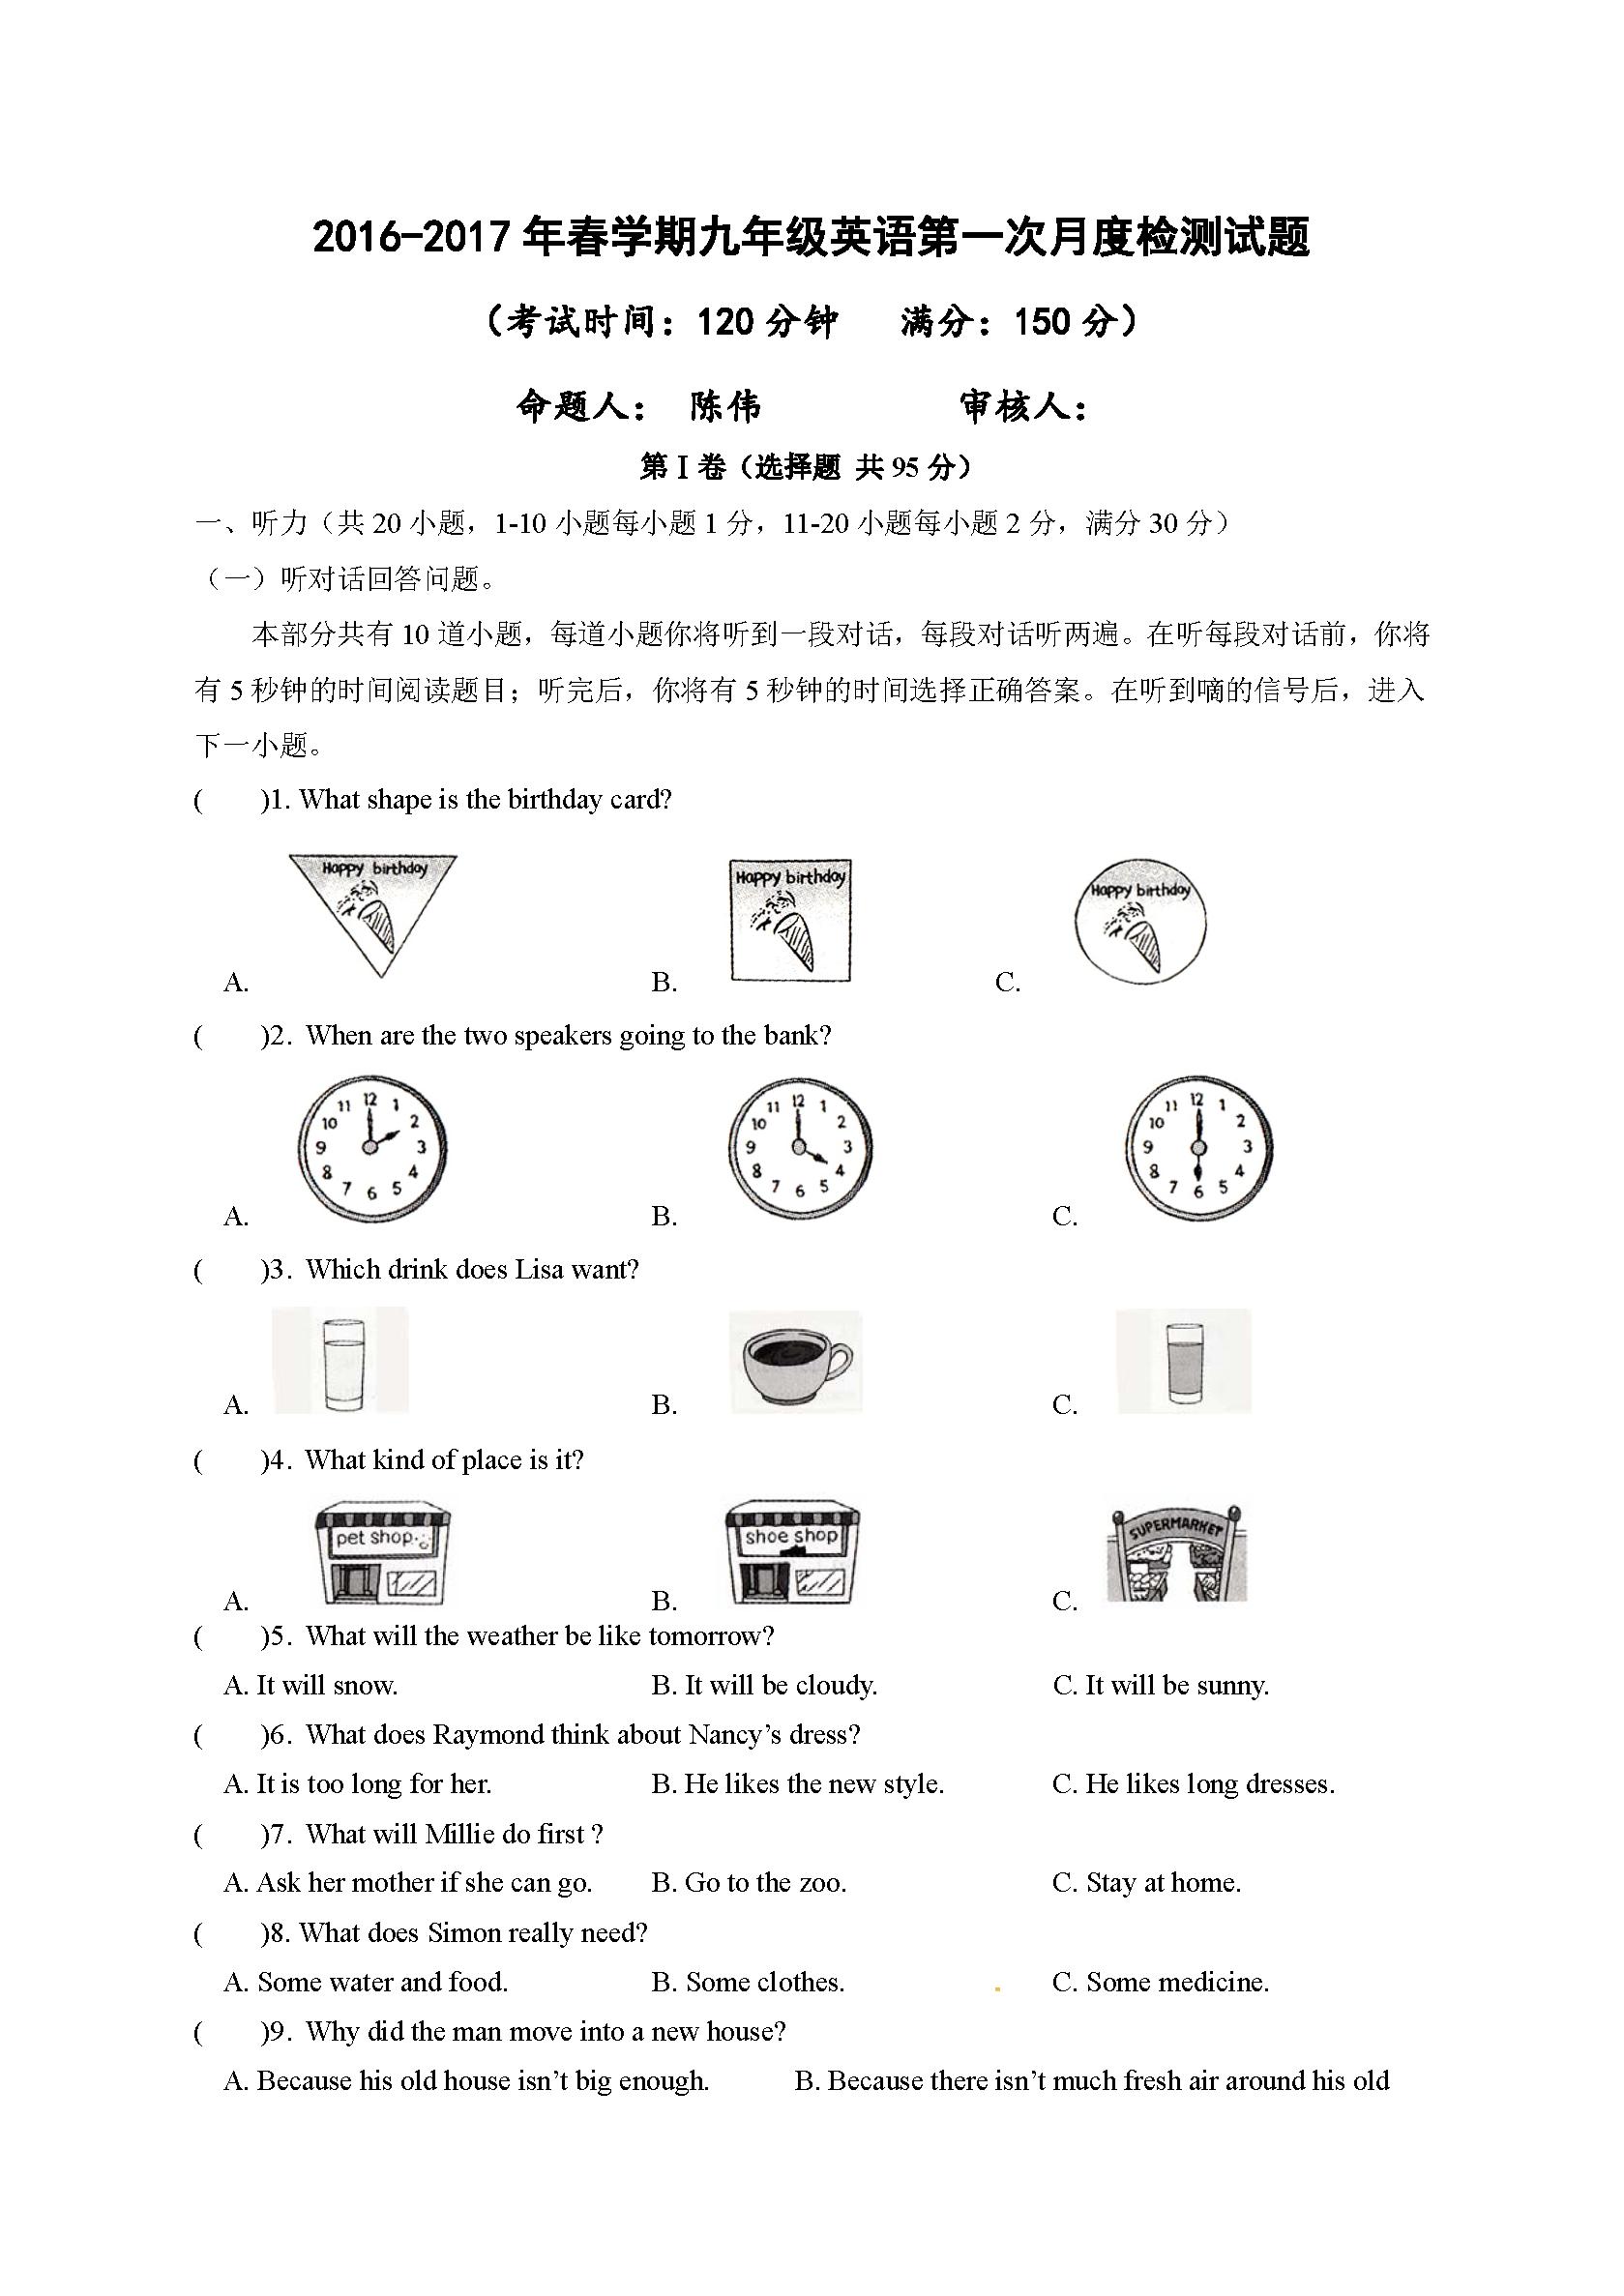 江苏省泰州是民兴实验中学2017届九年级下学期第一次月考英语试题(图片版)